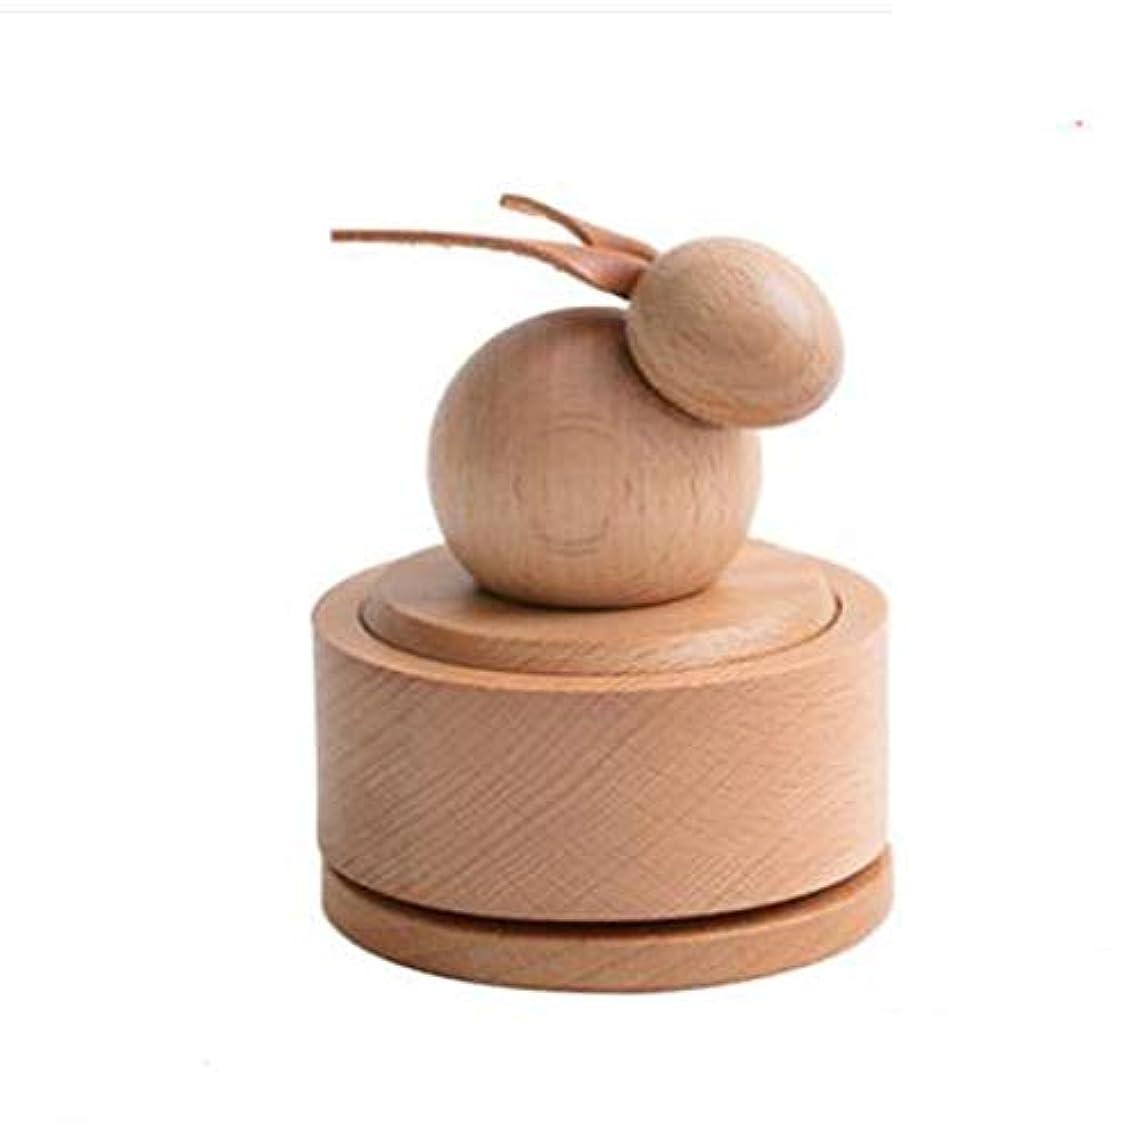 違反する共和党チラチラするKaiyitong01 ギフト豚オルゴールスカイシティオルゴール木製回転クリエイティブ送信女の子カップル誕生日ギフト,絶妙なファッション (Style : Rabbit)